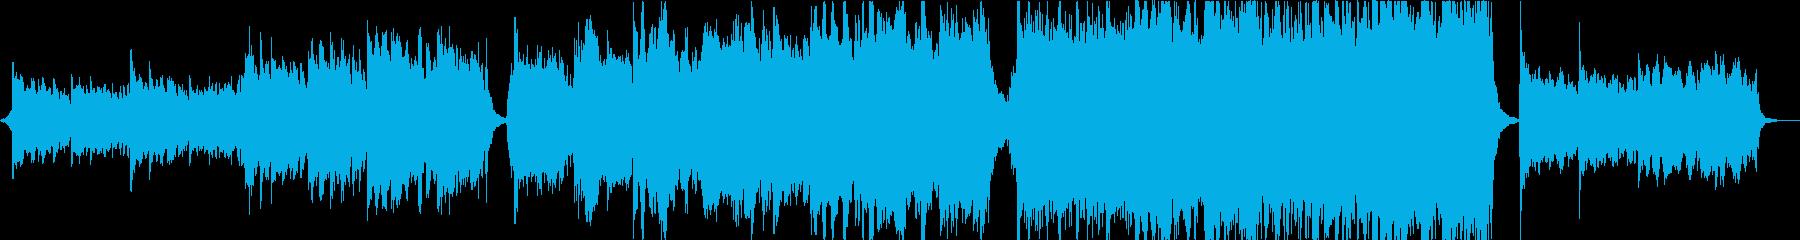 パワフルで切ないオーケストラエピックの再生済みの波形